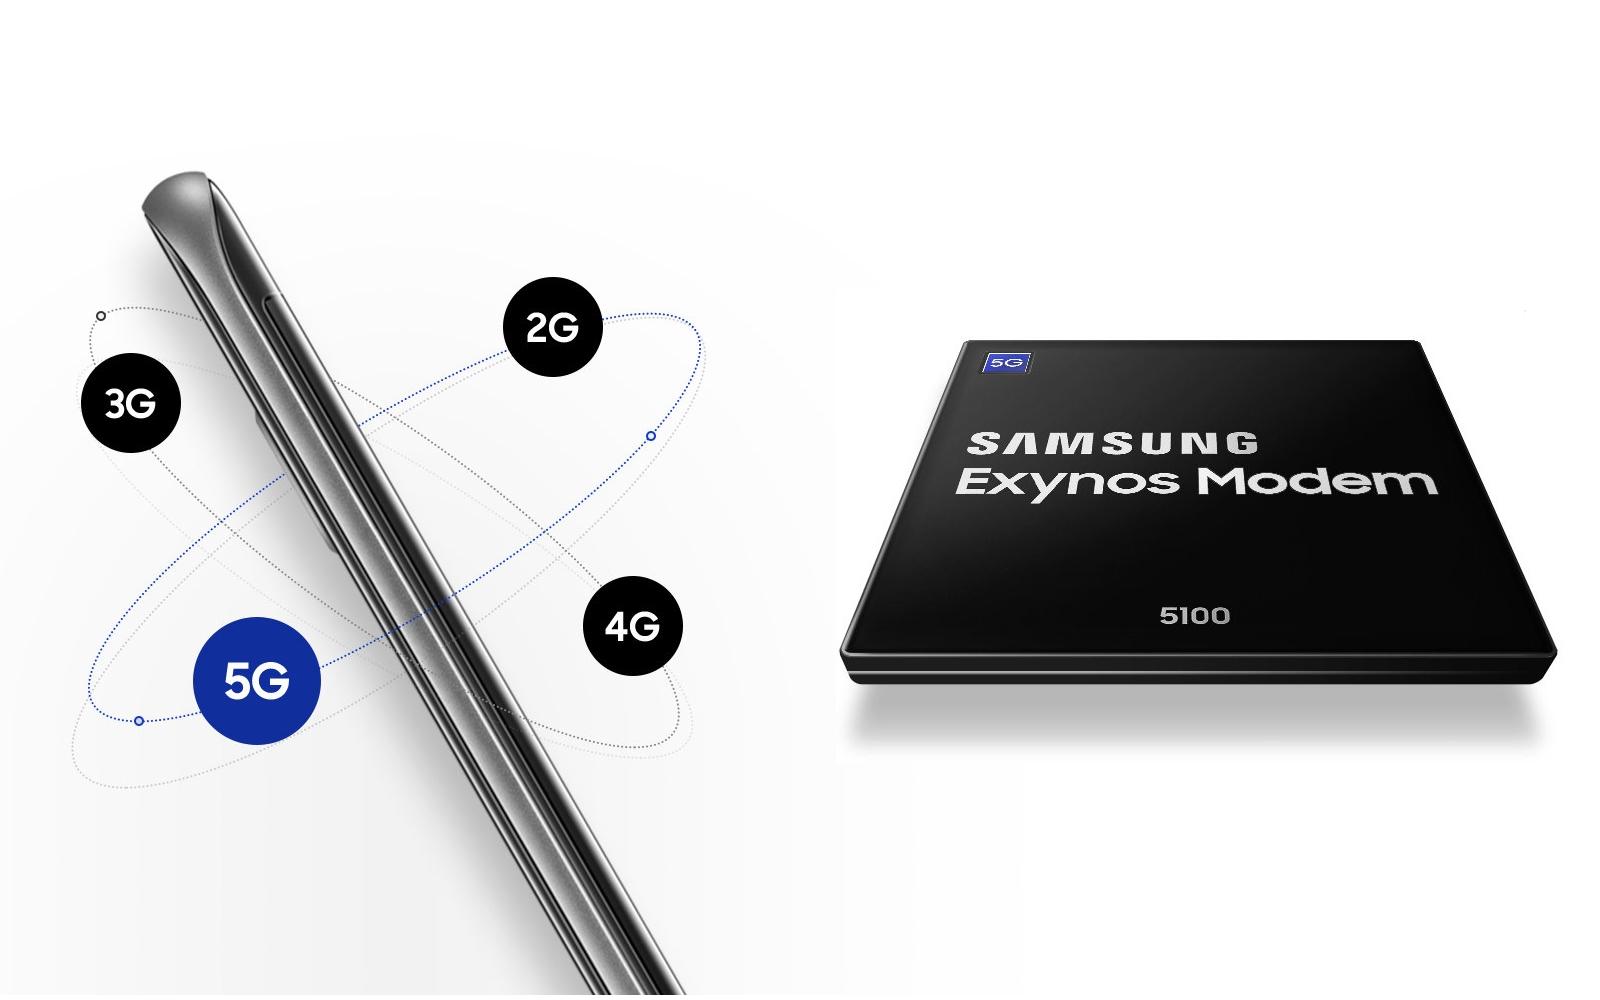 Avec son Exynos Modem 5100, Samsung dépasse Qualcomm sur la 5G complète et multimode